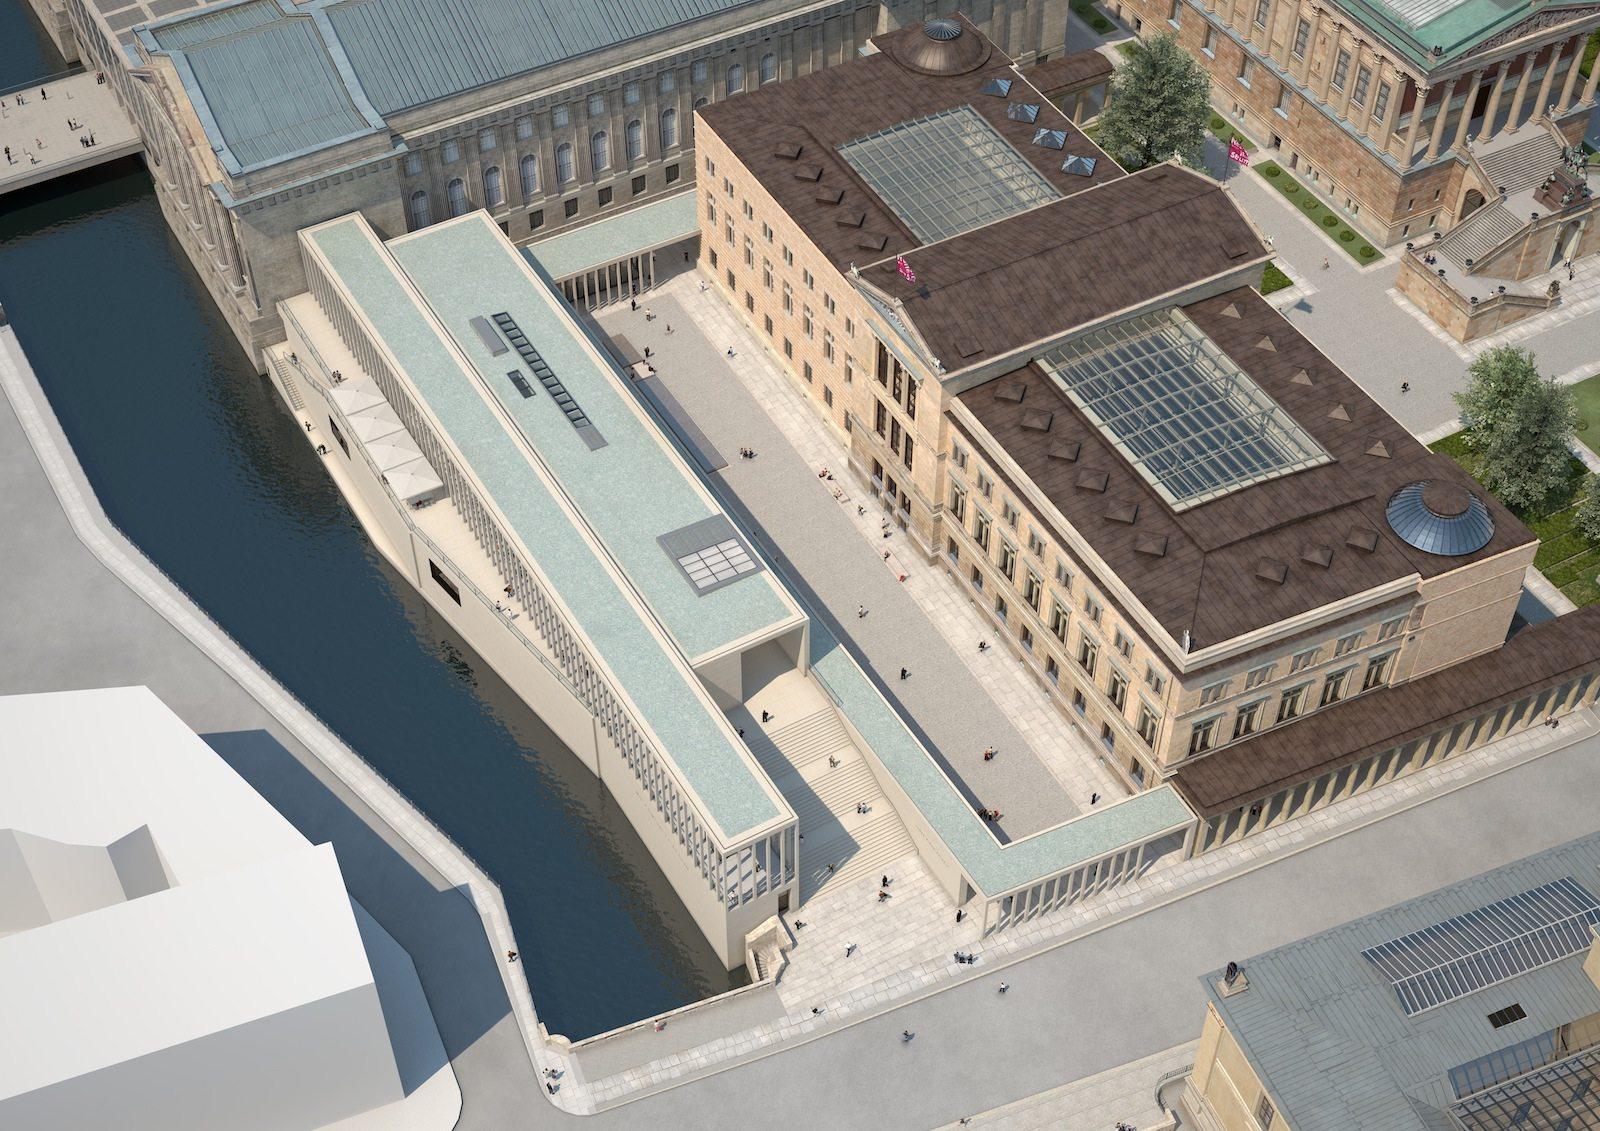 . Simulation der zukünftigen Museumsinsel Berlin: Blick auf den Neuen Hof zwischen Neuem Museum, Pergamonmuseum und James-Simon-Galerie.